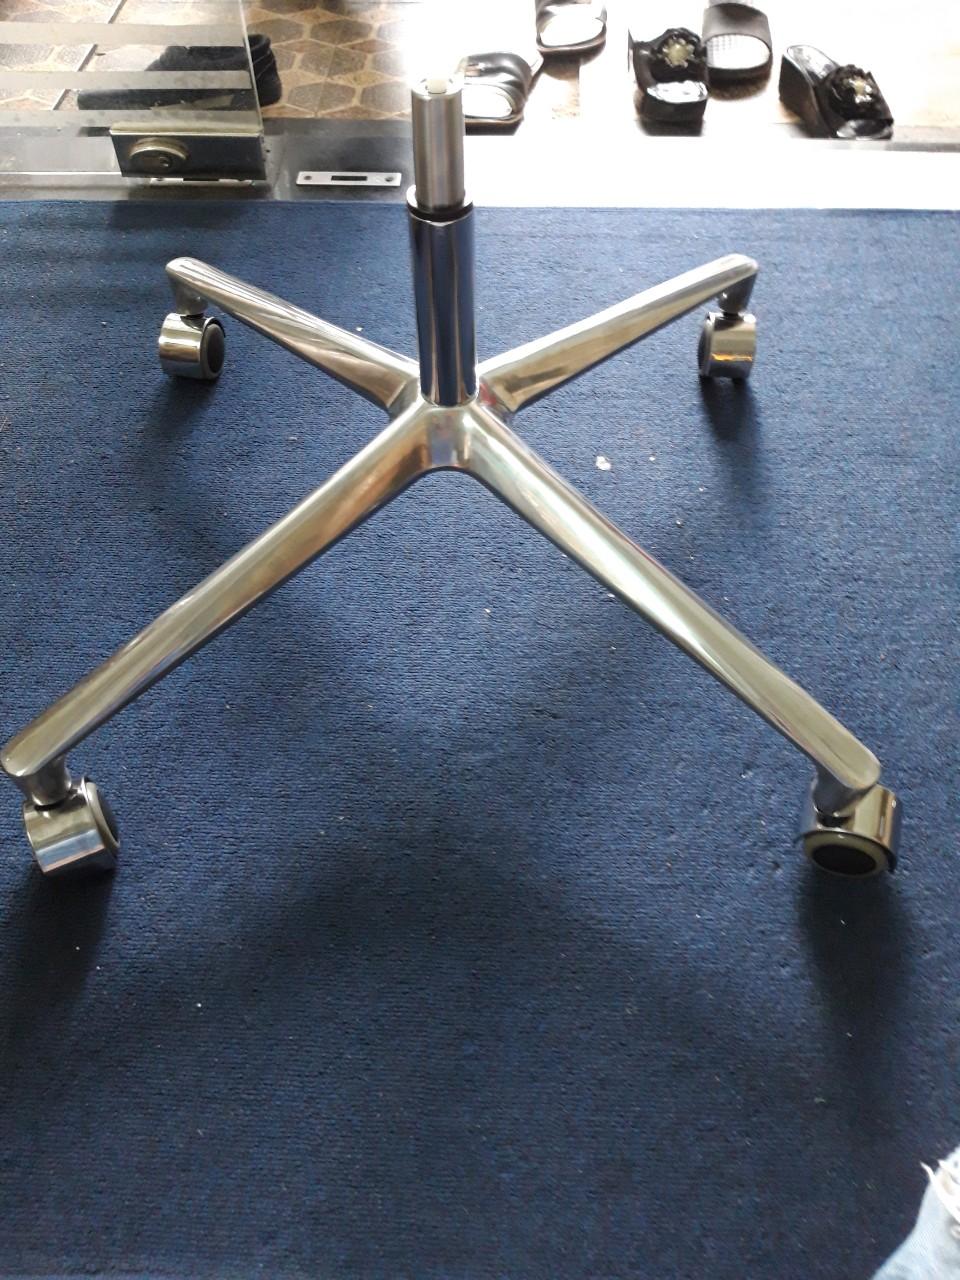 Bộ chân nhôm, ống hơi, bánh xe ghế xoay tg9129